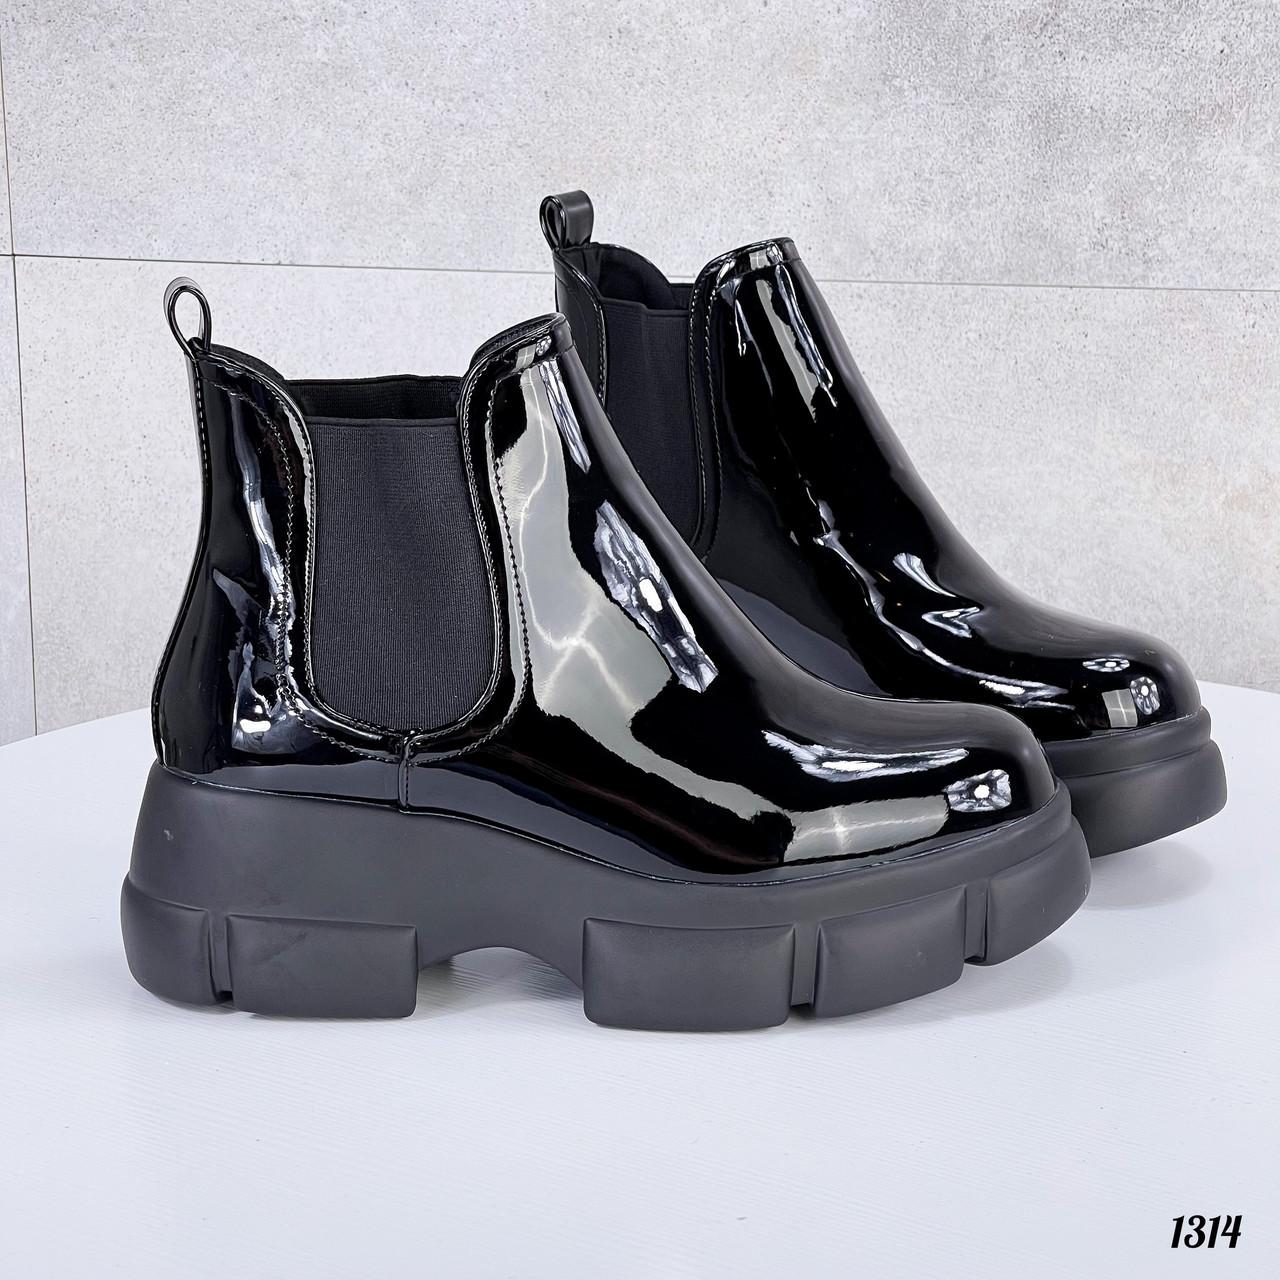 39 р. Ботинки женские деми черные лаковые на толстой подошве платформе демисезонные из искусственного лака